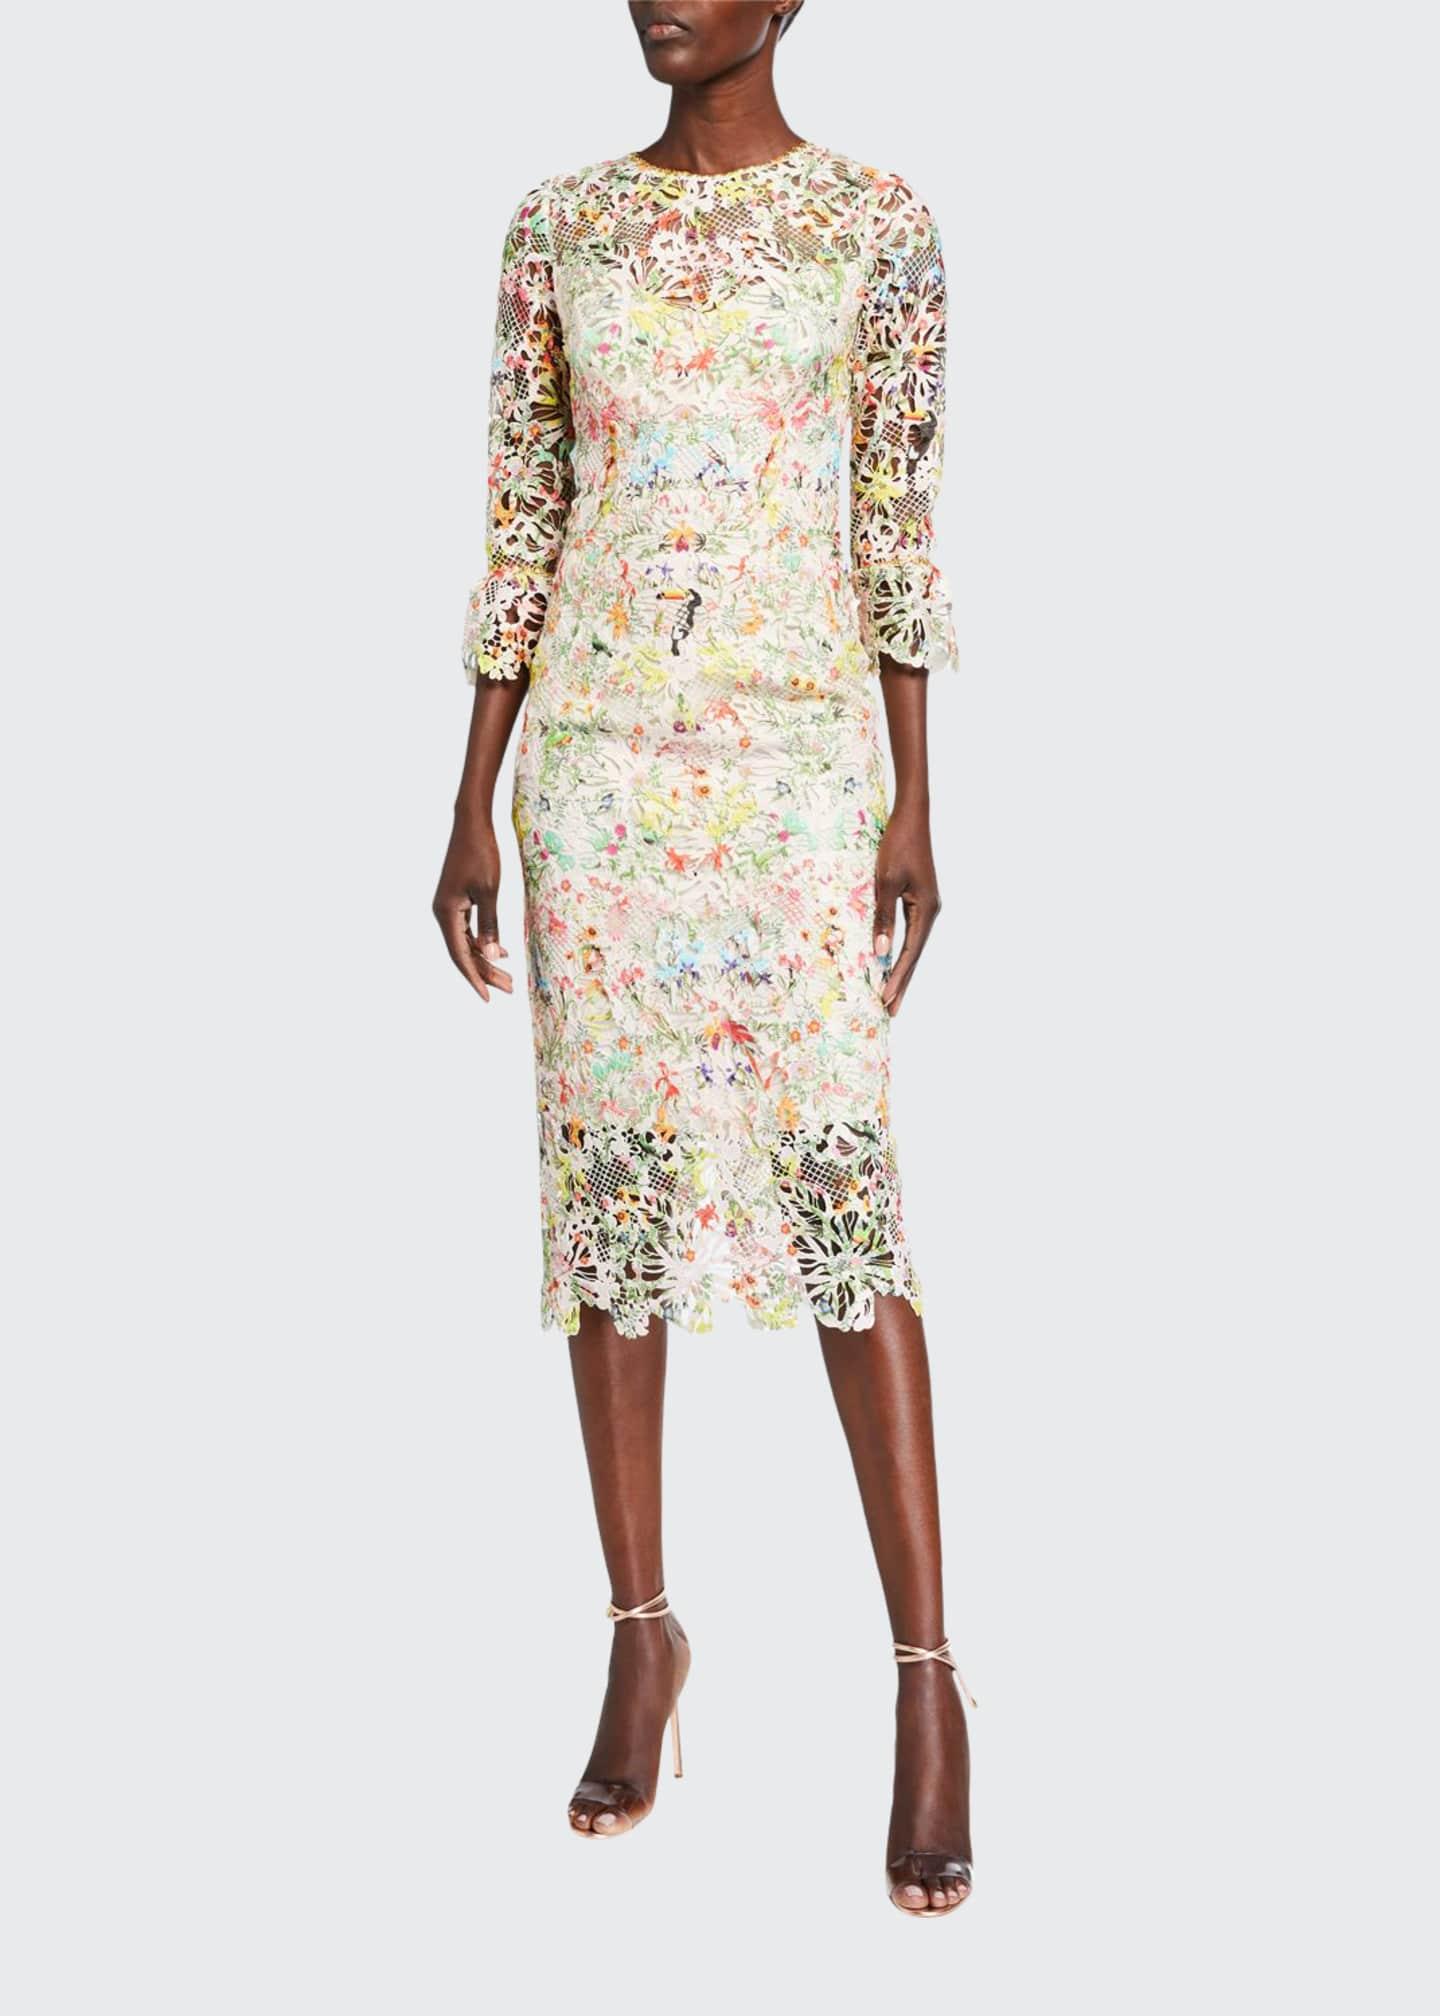 Monique Lhuillier Paradise-Print 3/4-Sleeve Dress